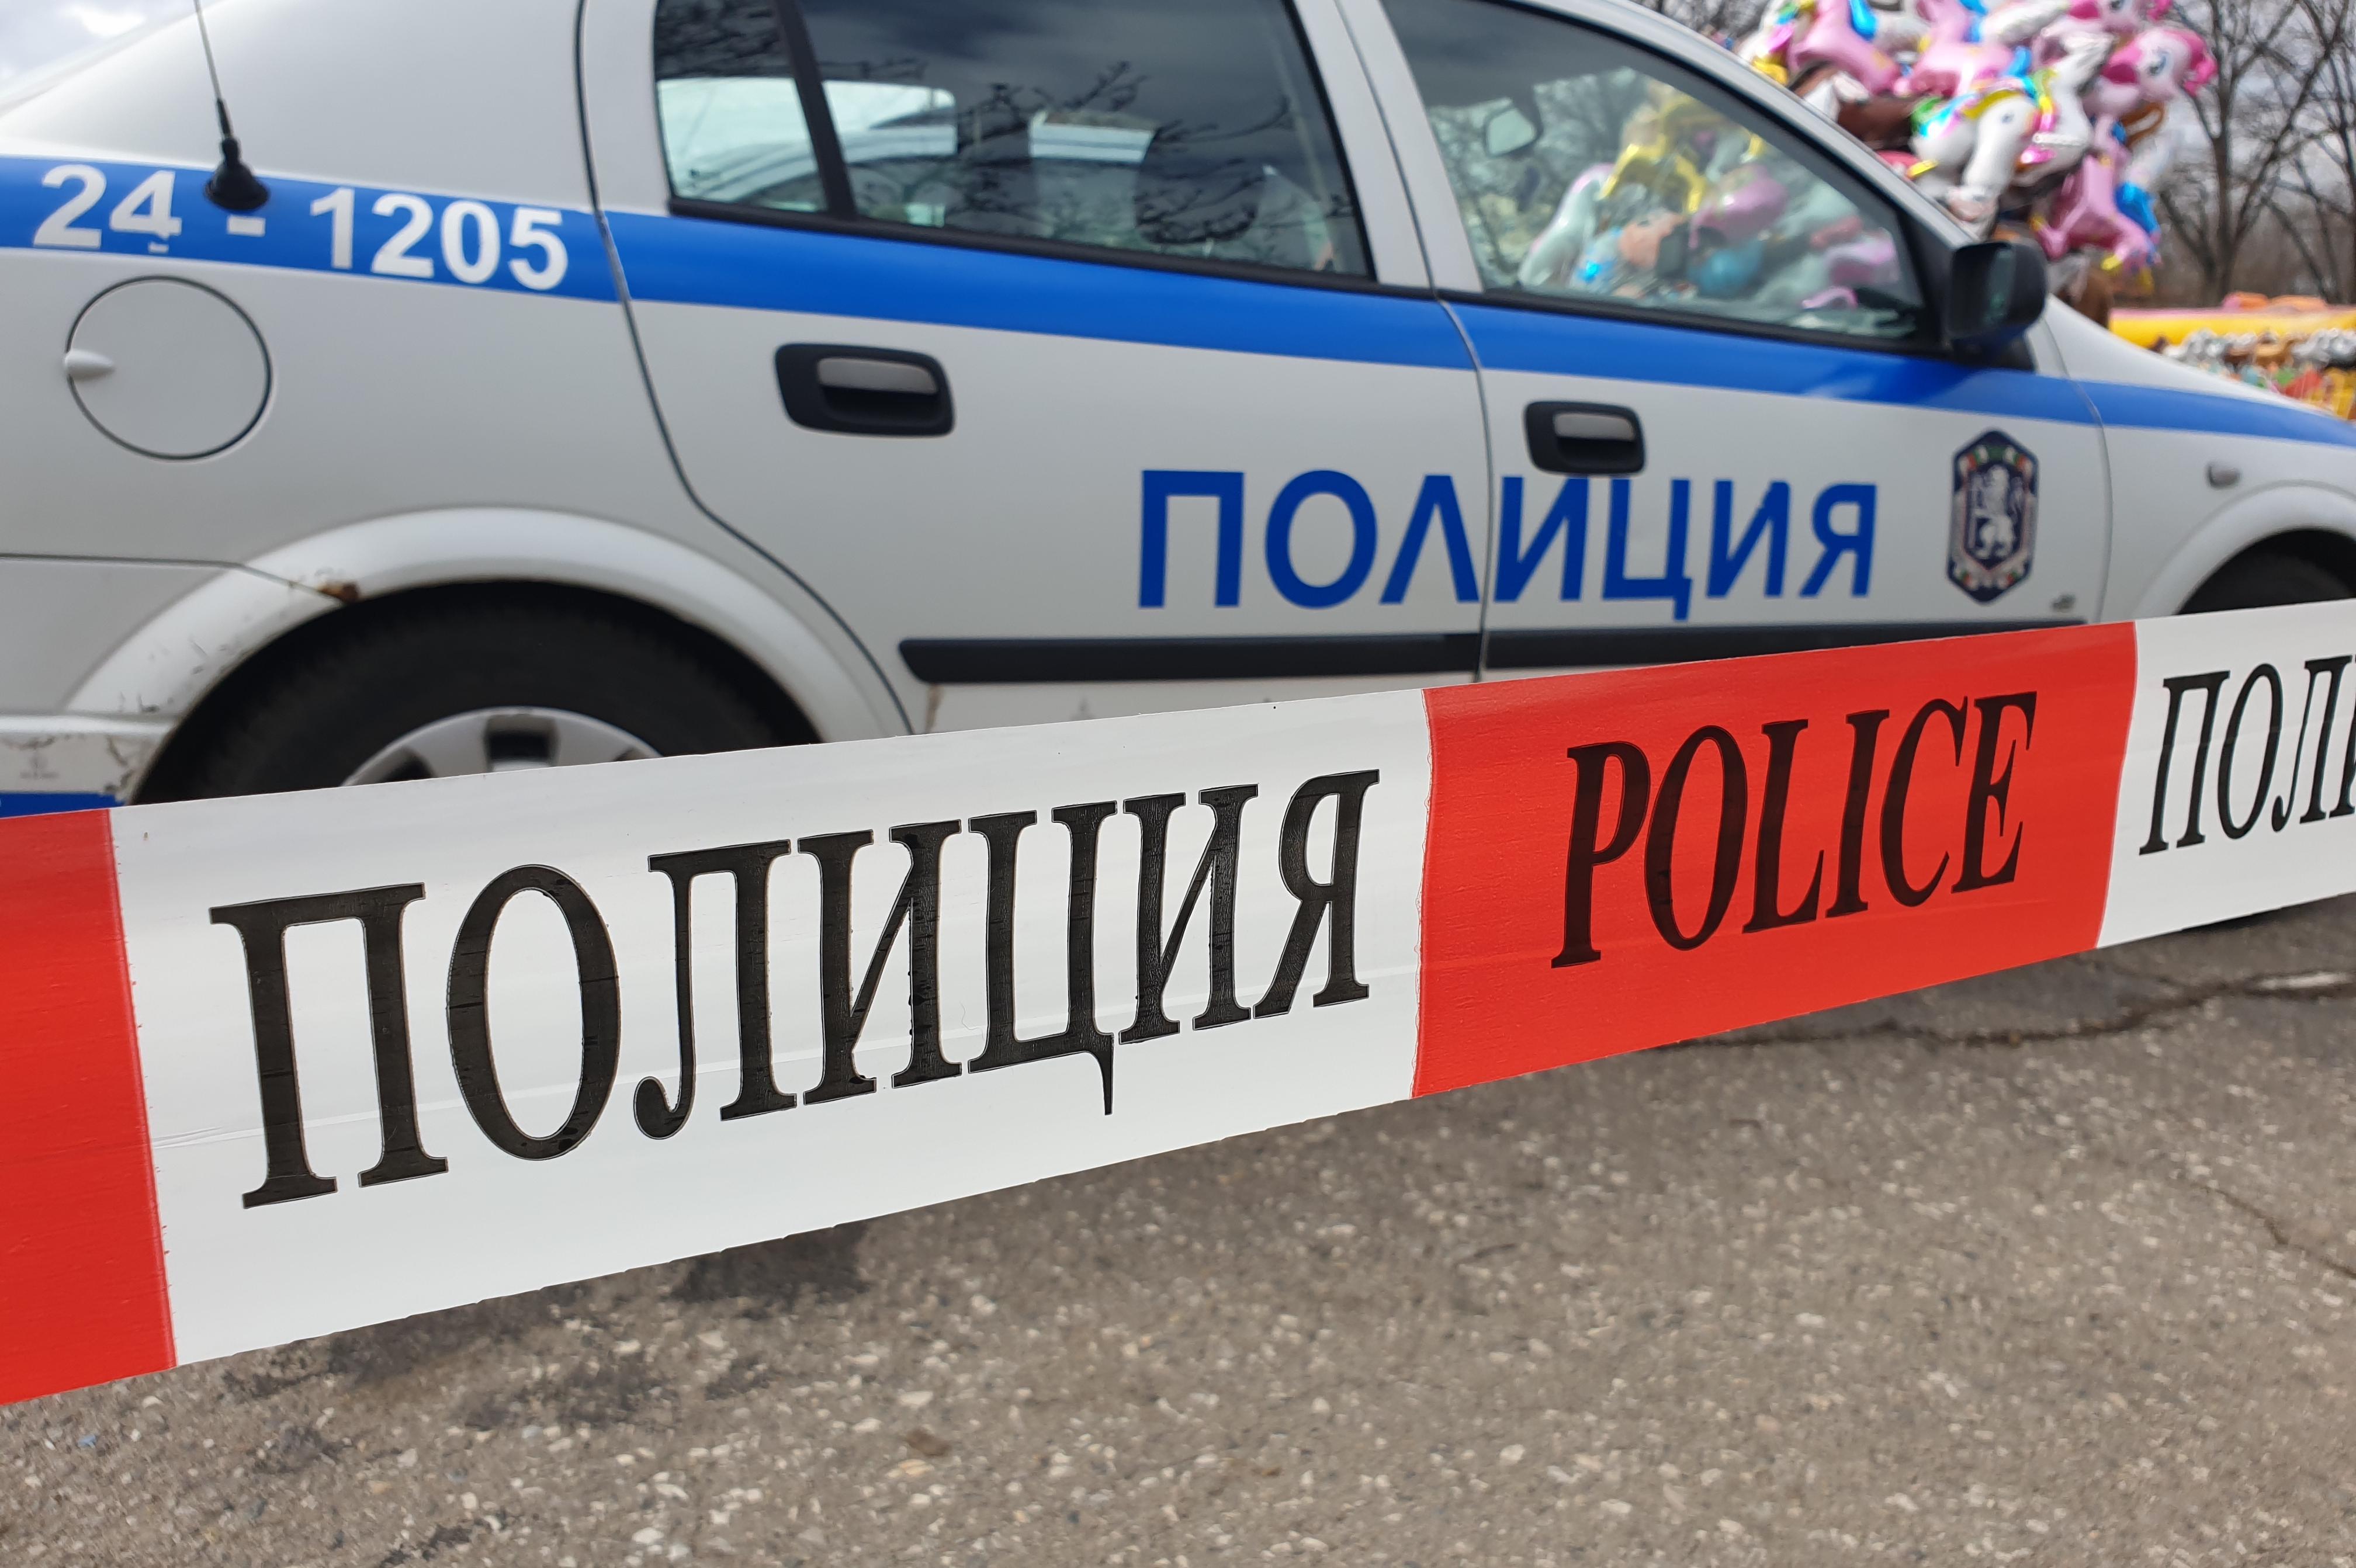 В Пирдоп арестуваха водач, шофирал след употребата не трева